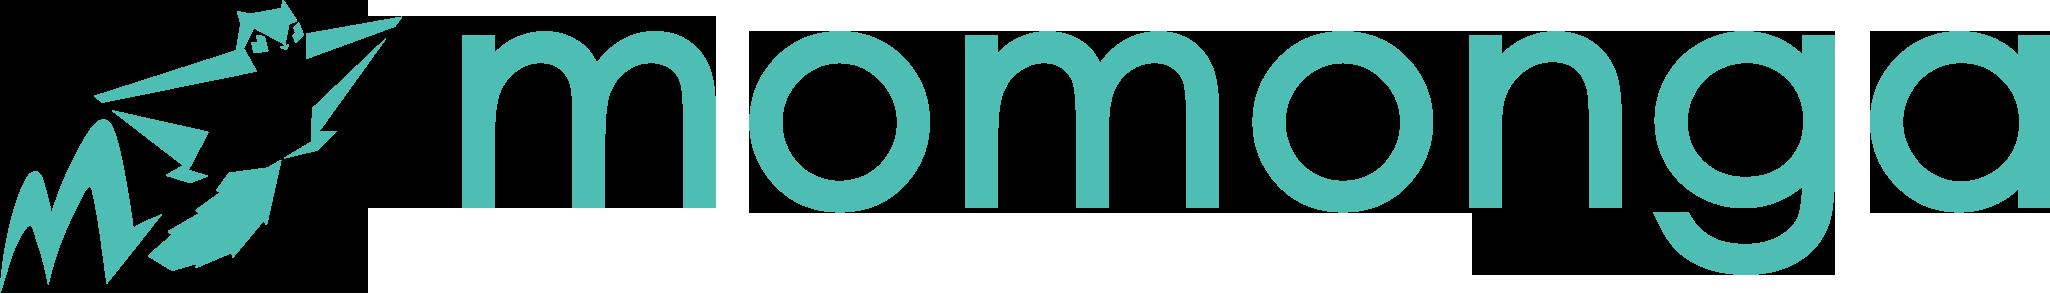 株式会社モモンガ|Webマーケティングで東北・新潟・仙台の地方企業支援に特化